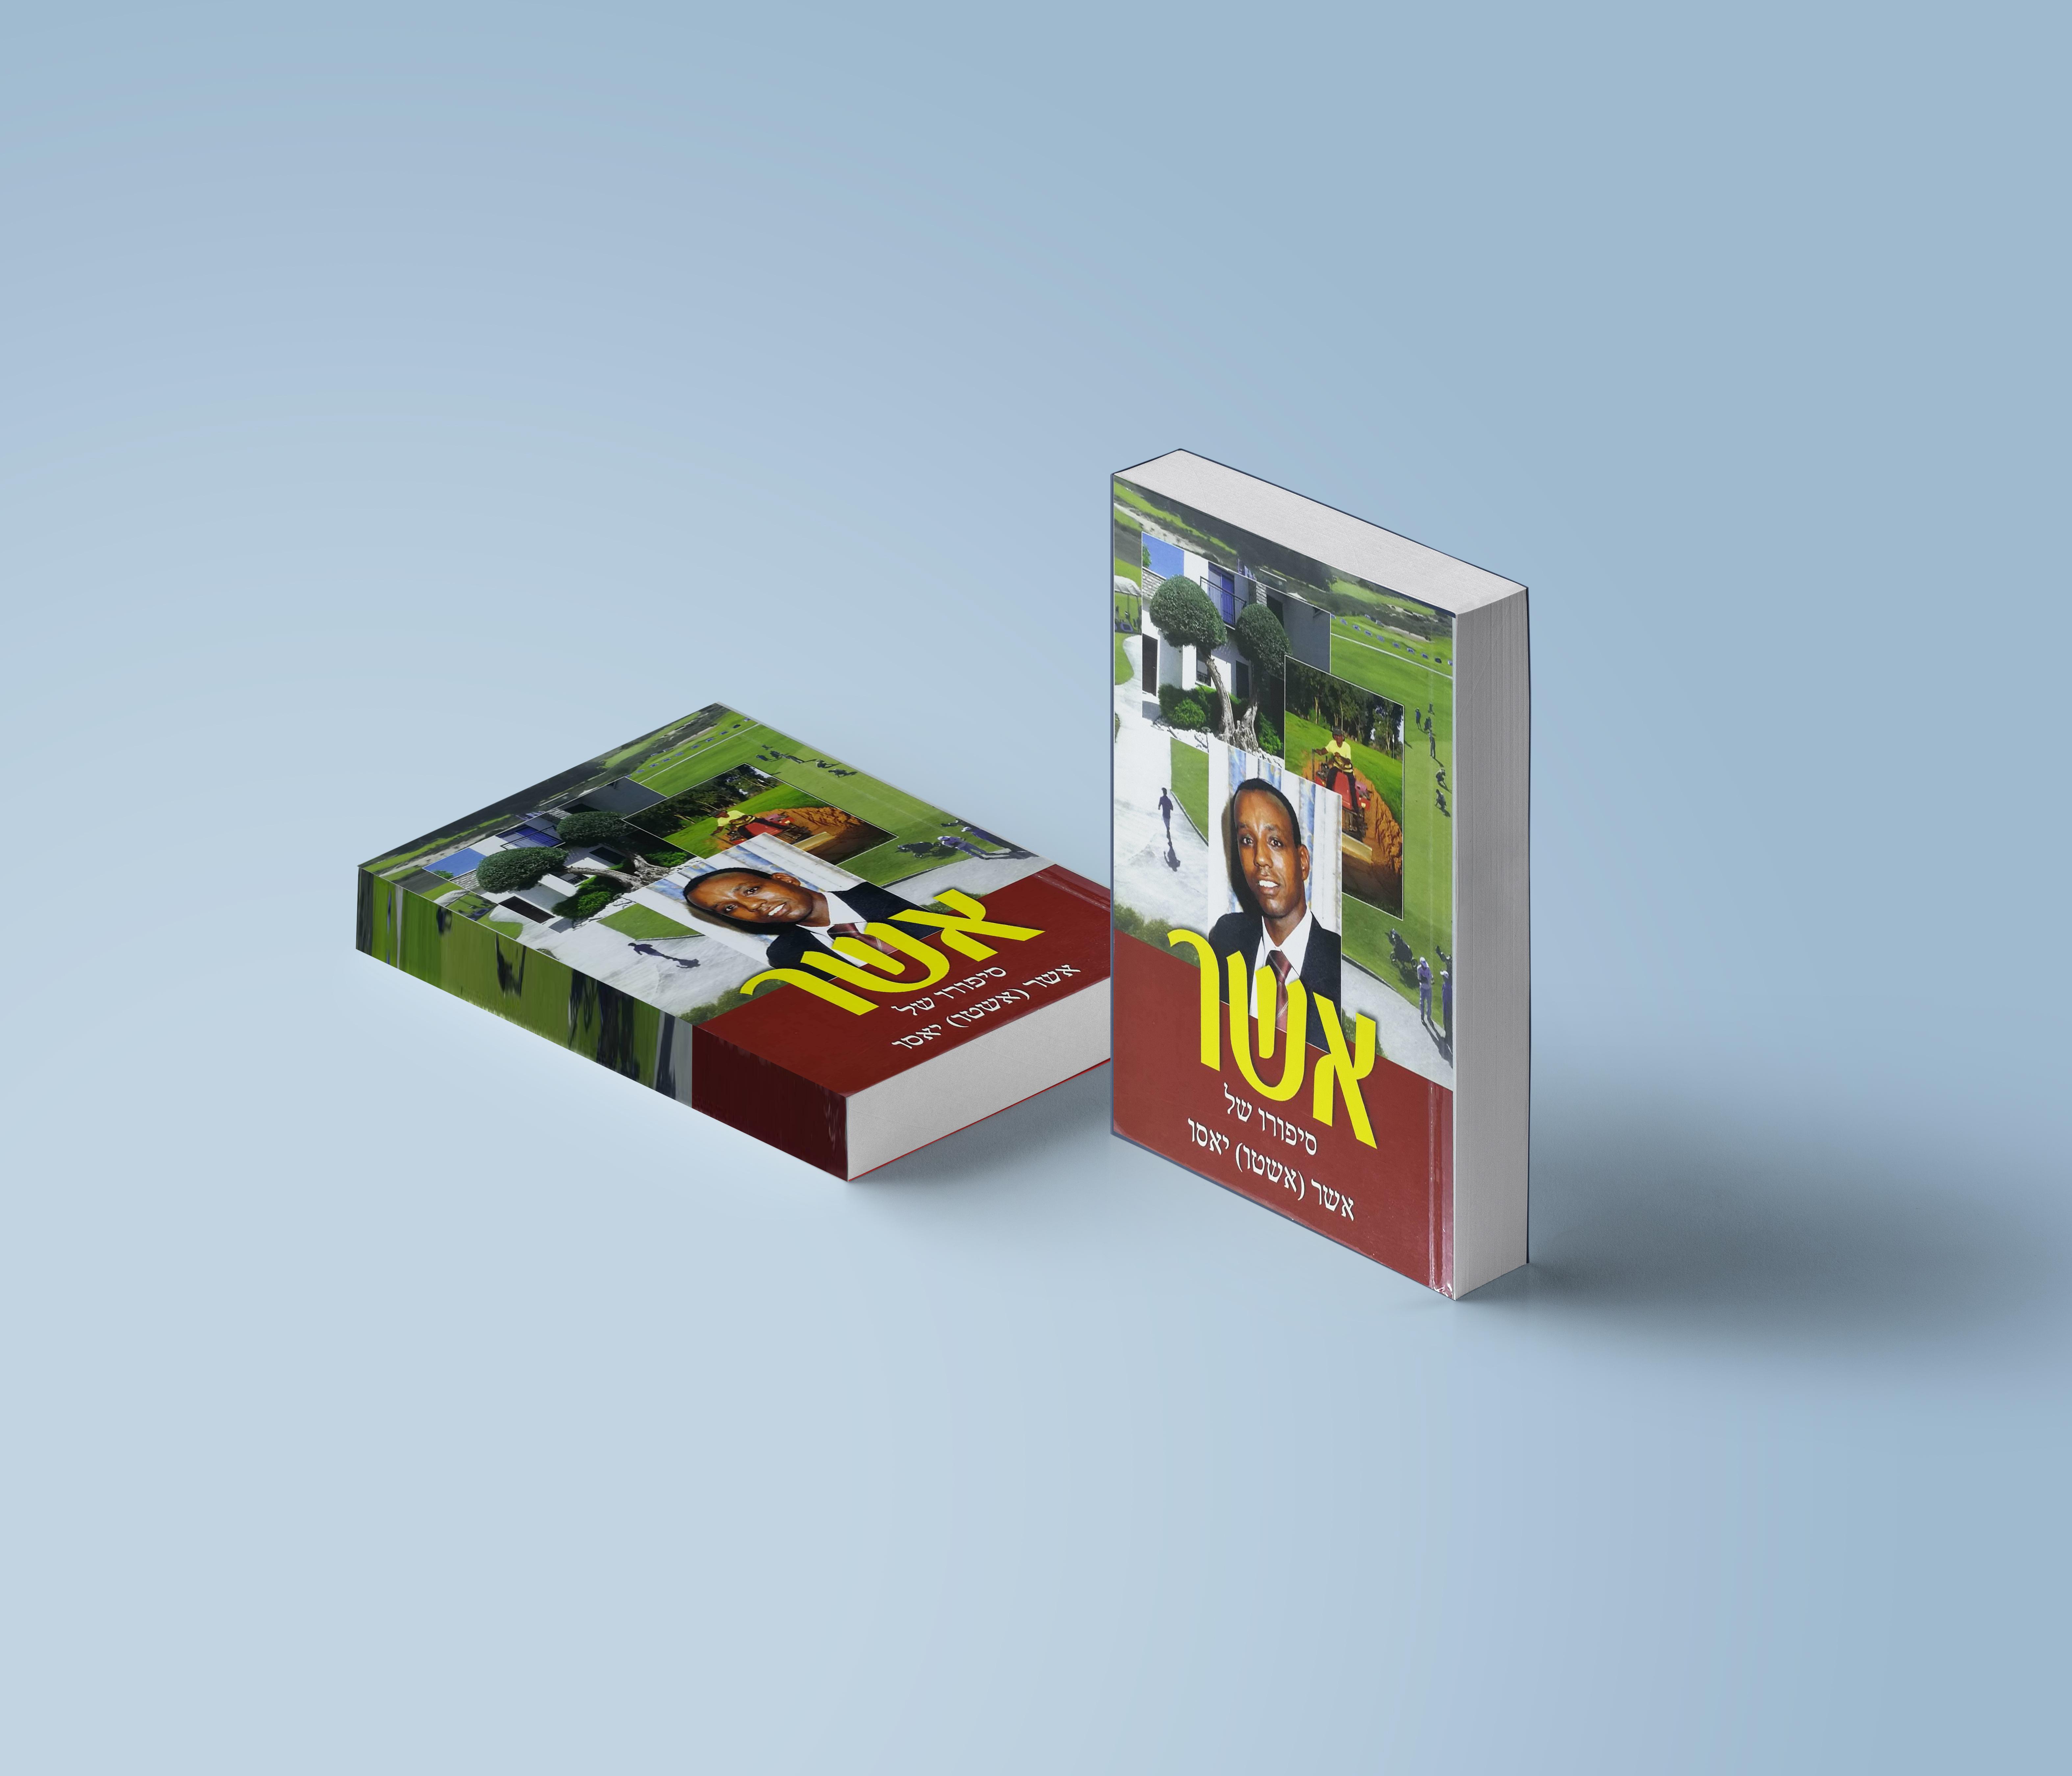 סיפורו של אשר יאסו,ספר קריאה,כריכה רכה, הדפסת פנים